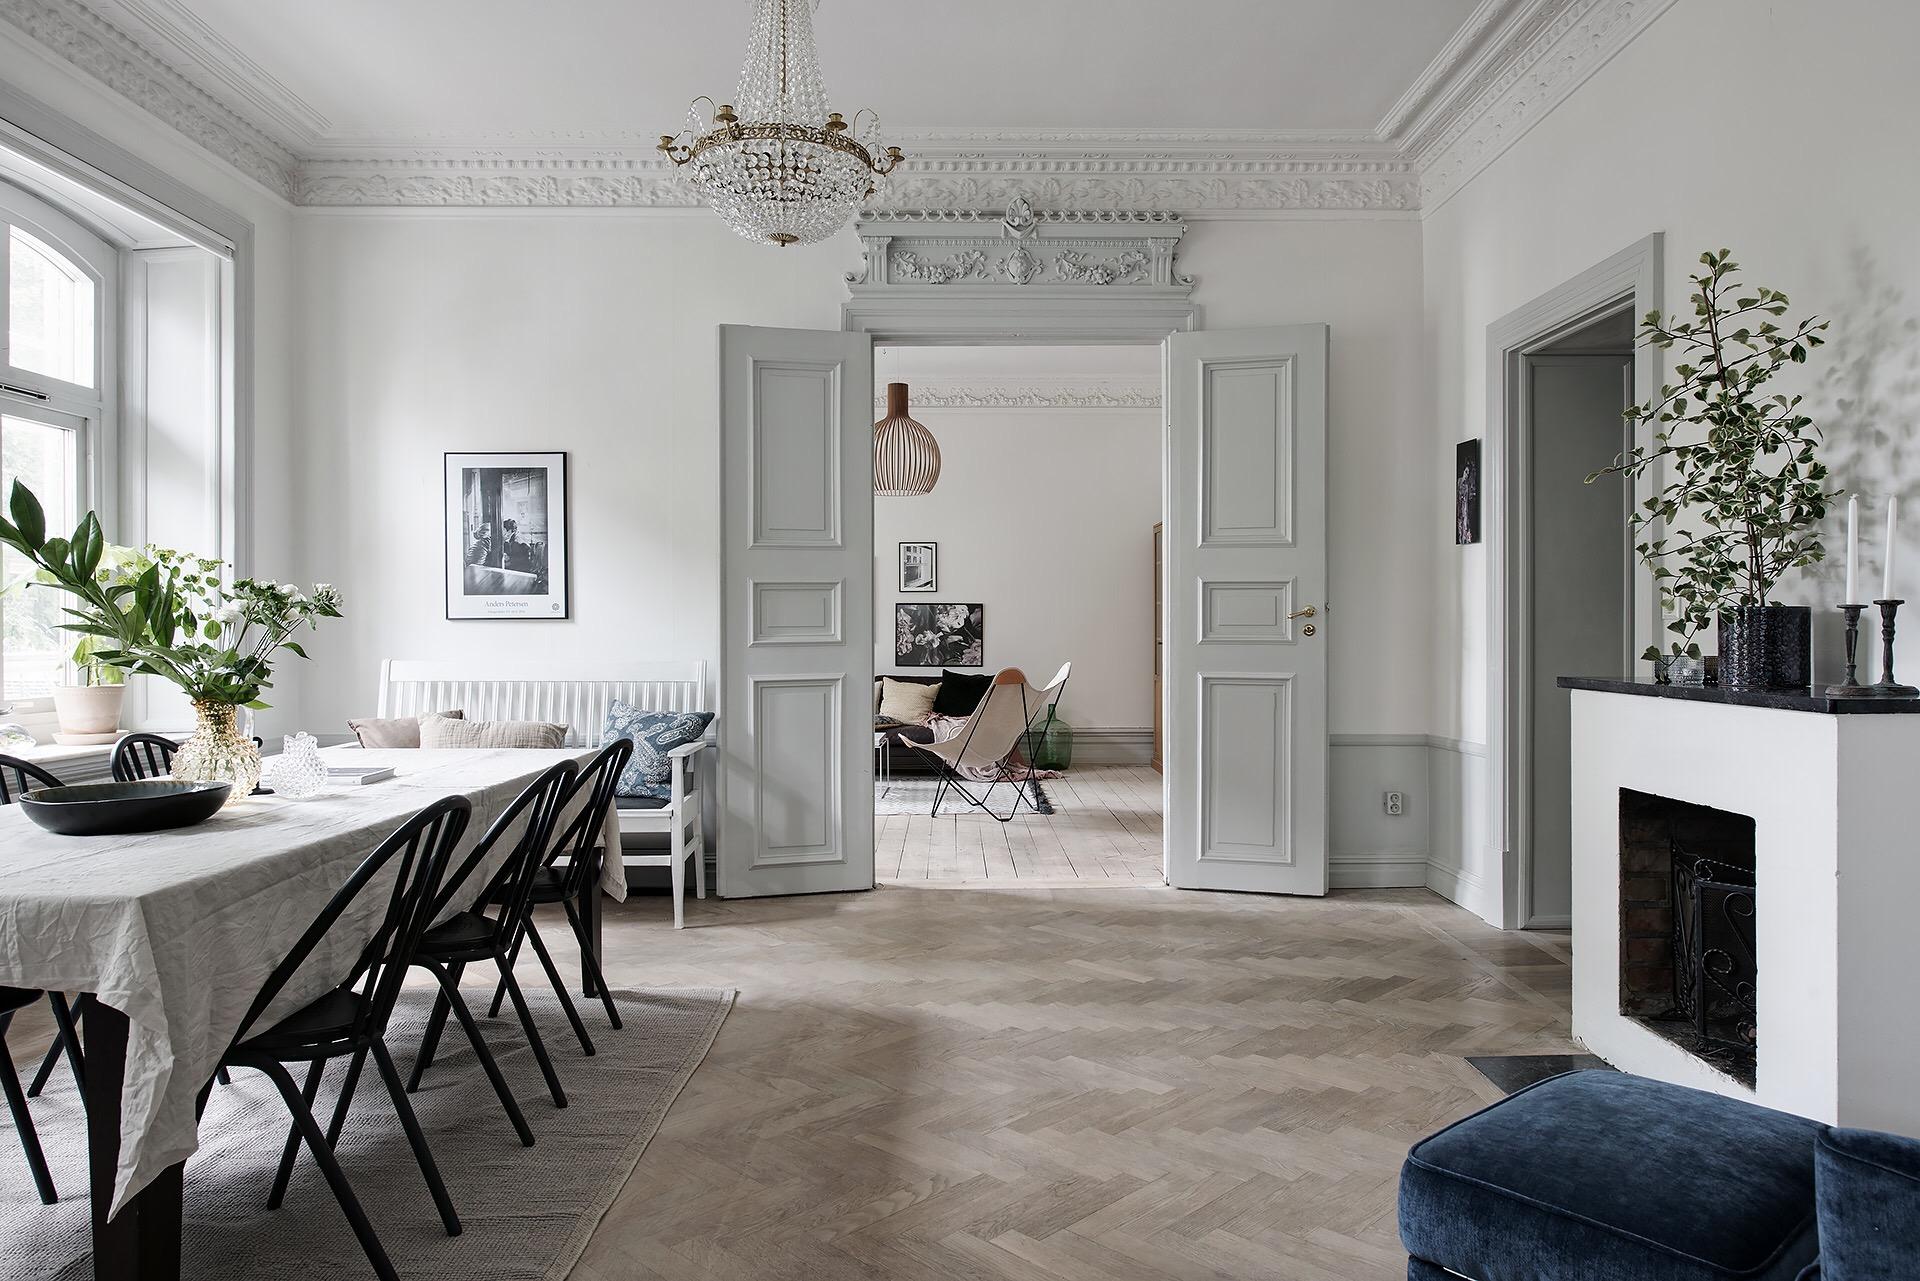 гостиная высокий потолок лепнина люстра паркет распашные двери наличник камин